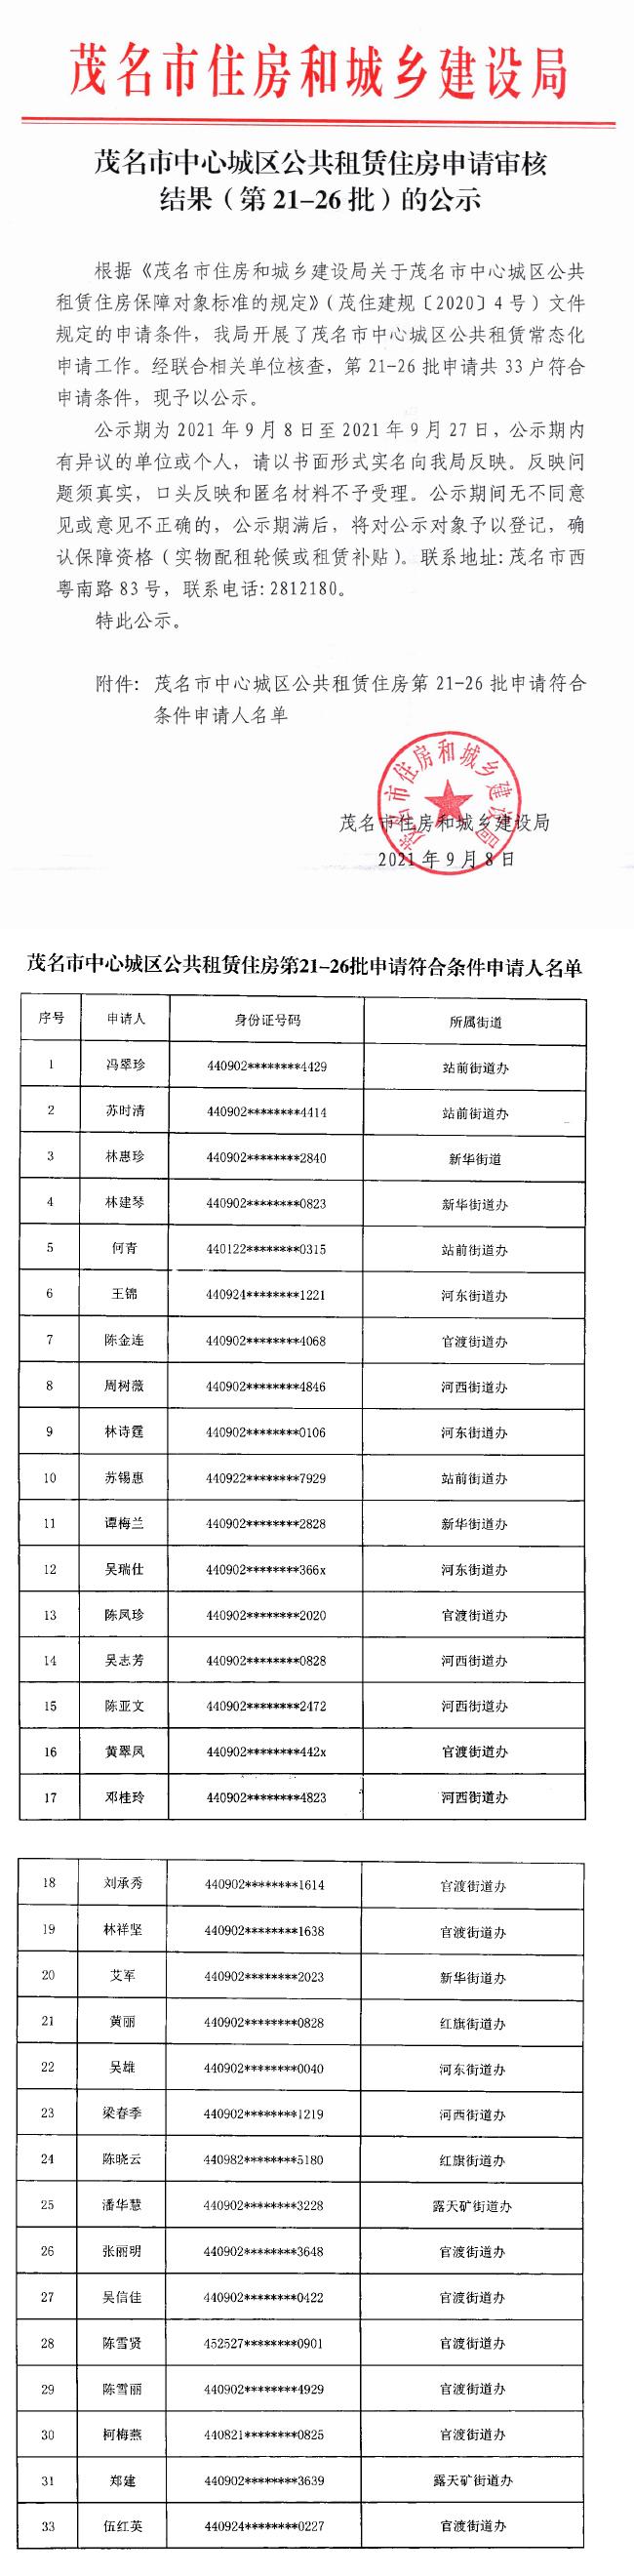 茂名市中心城区公共租赁住房申请审核结果(第21-26批)的公示.jpg